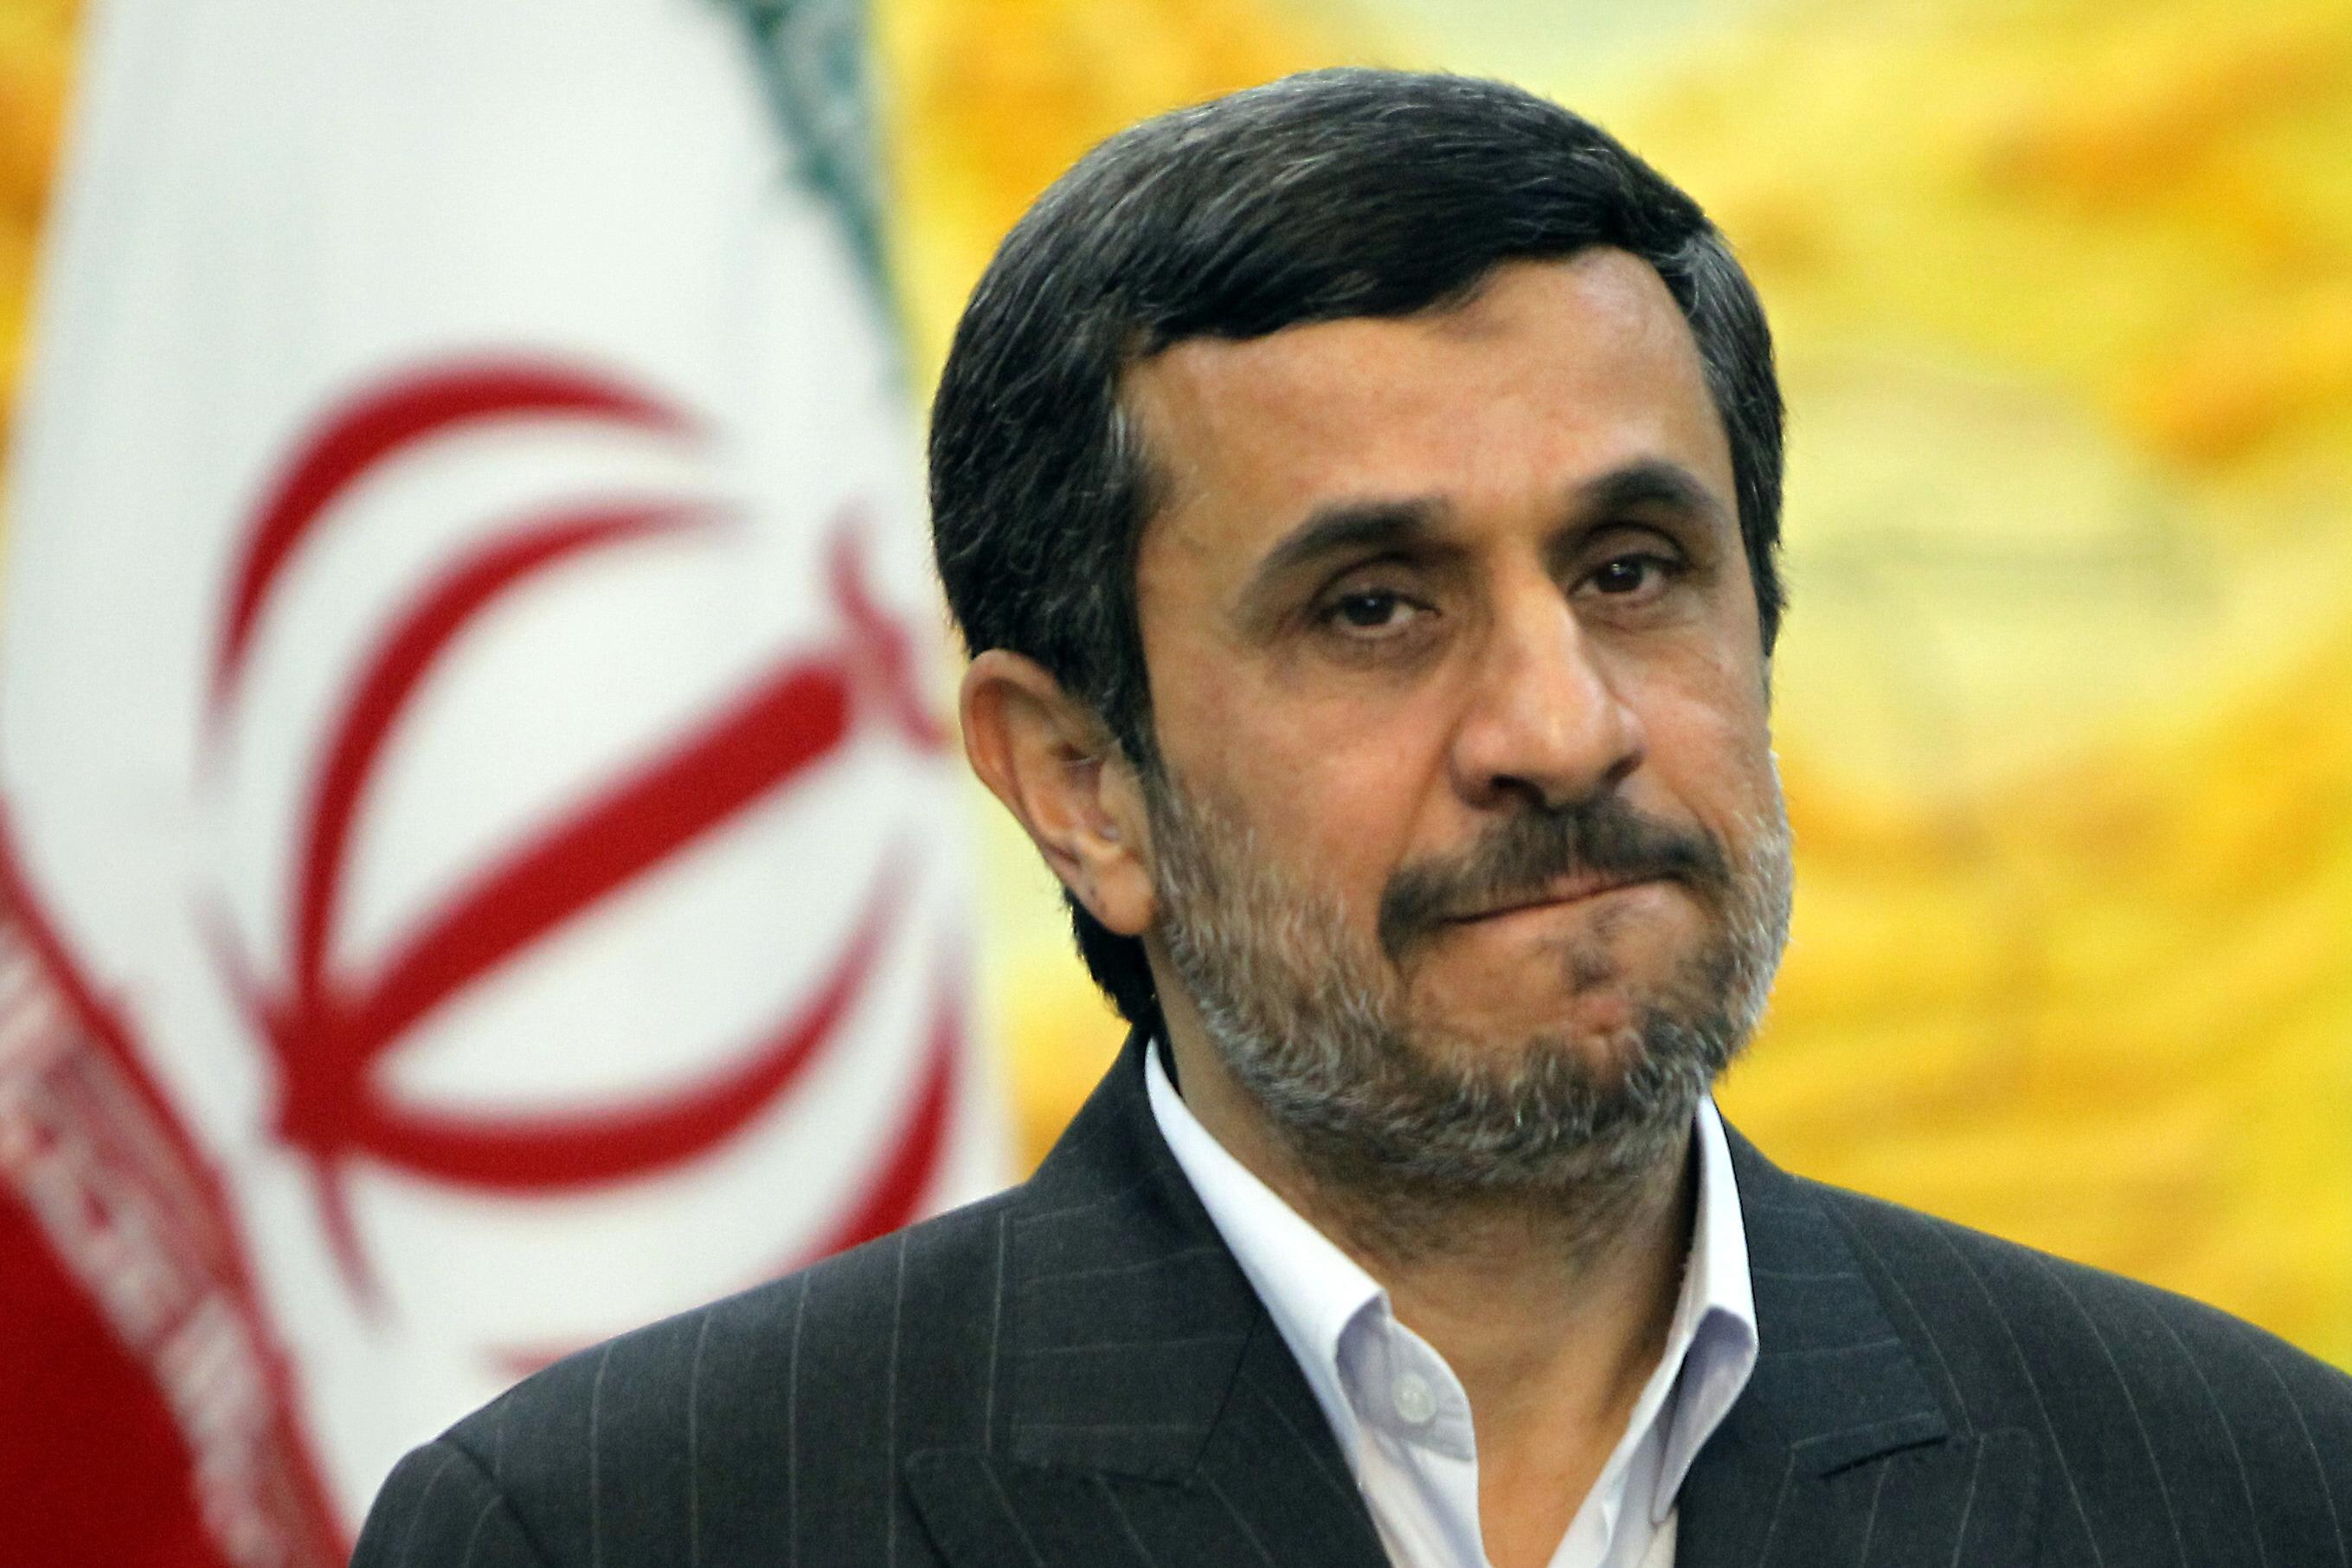 پروژه فولاد احمدینژاد یا طرح 35ساله؟